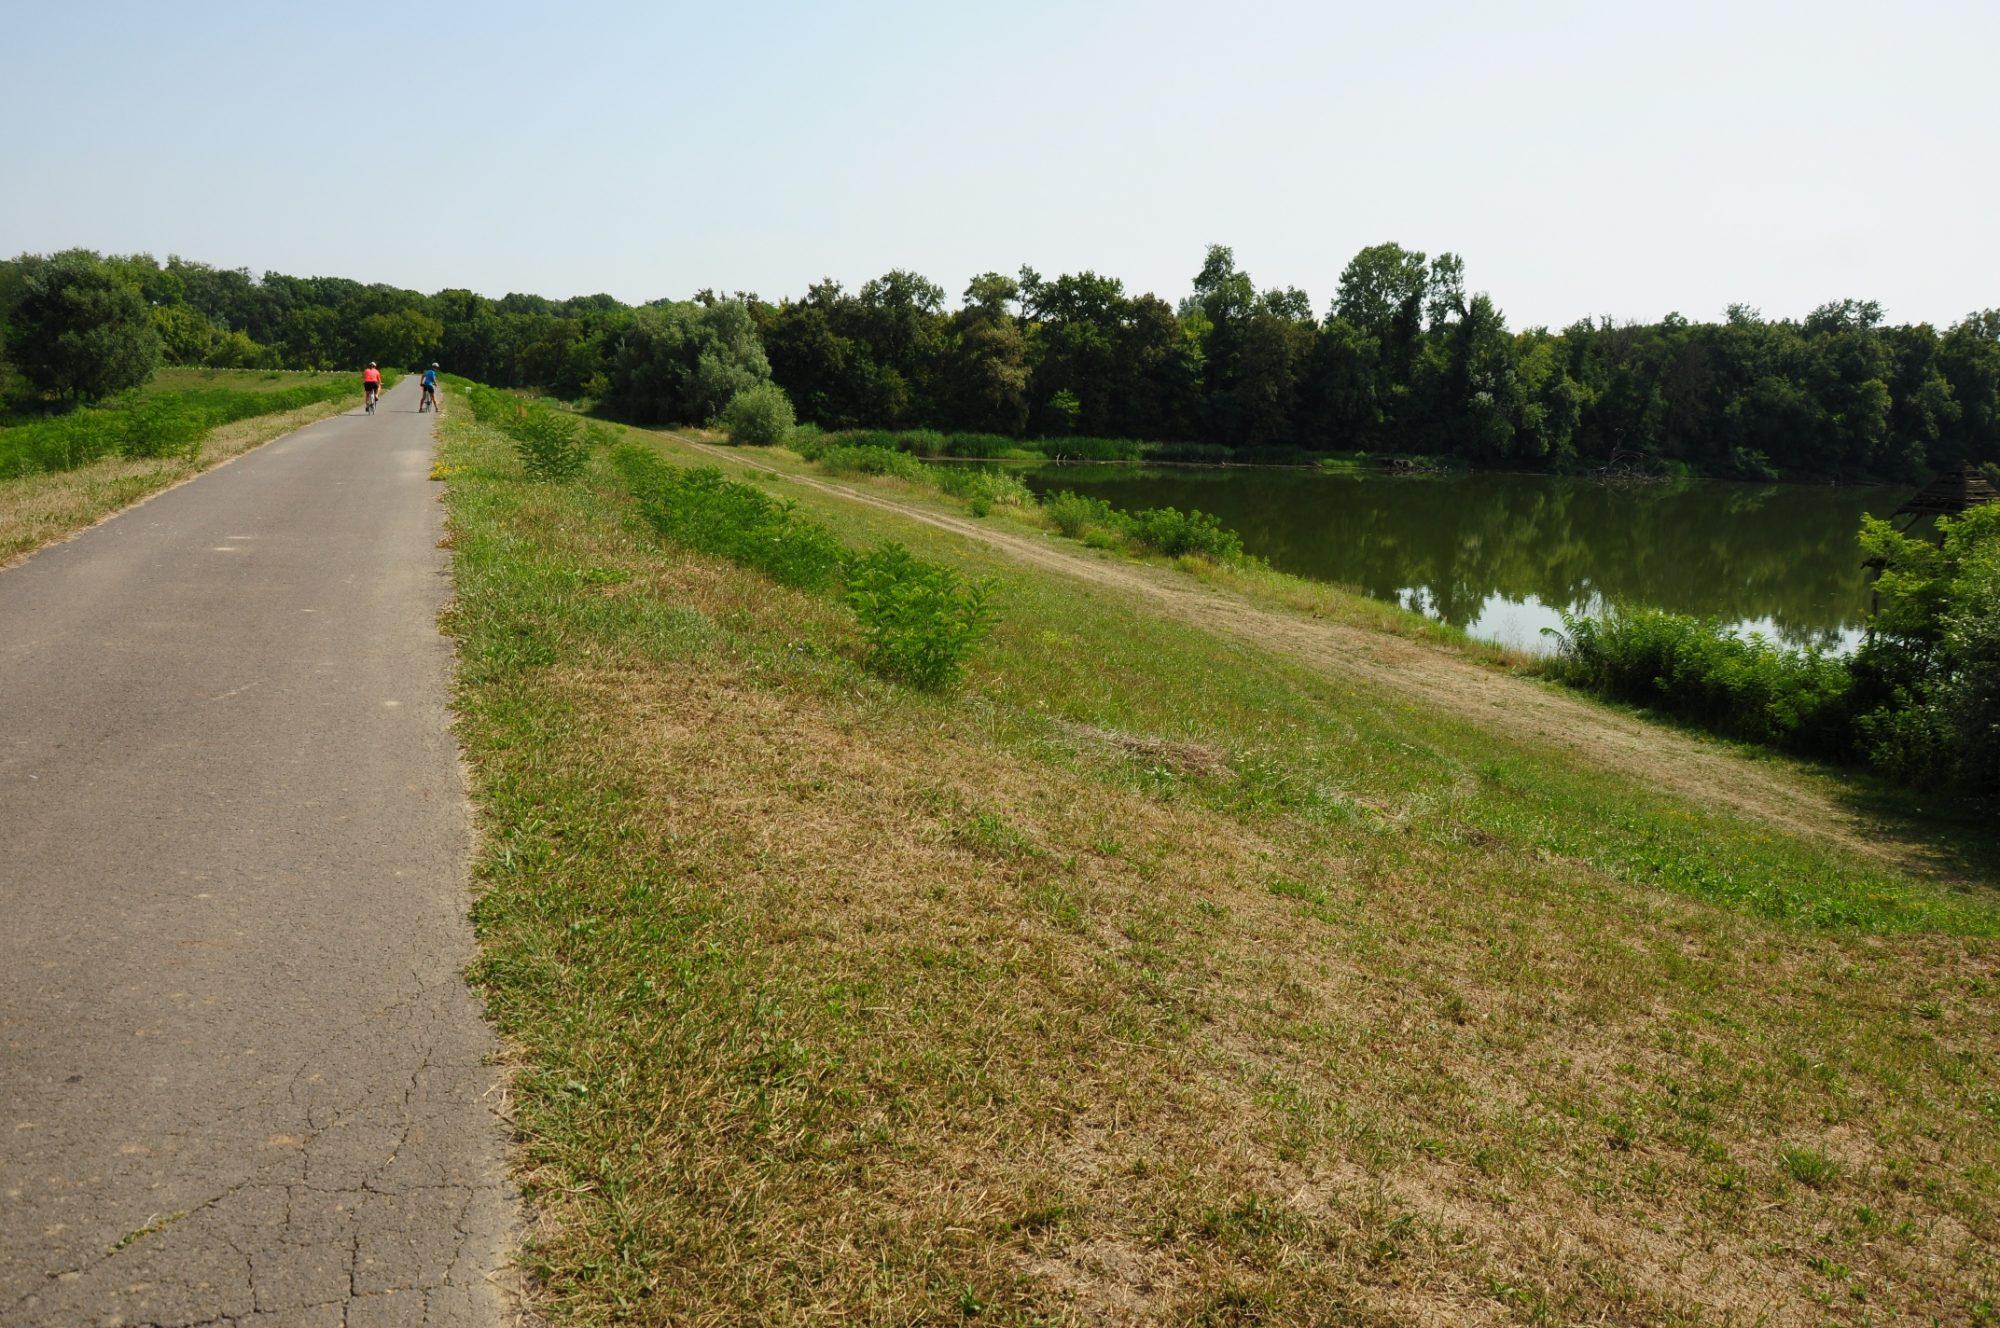 Biciklivel ideális bejárni az árteret